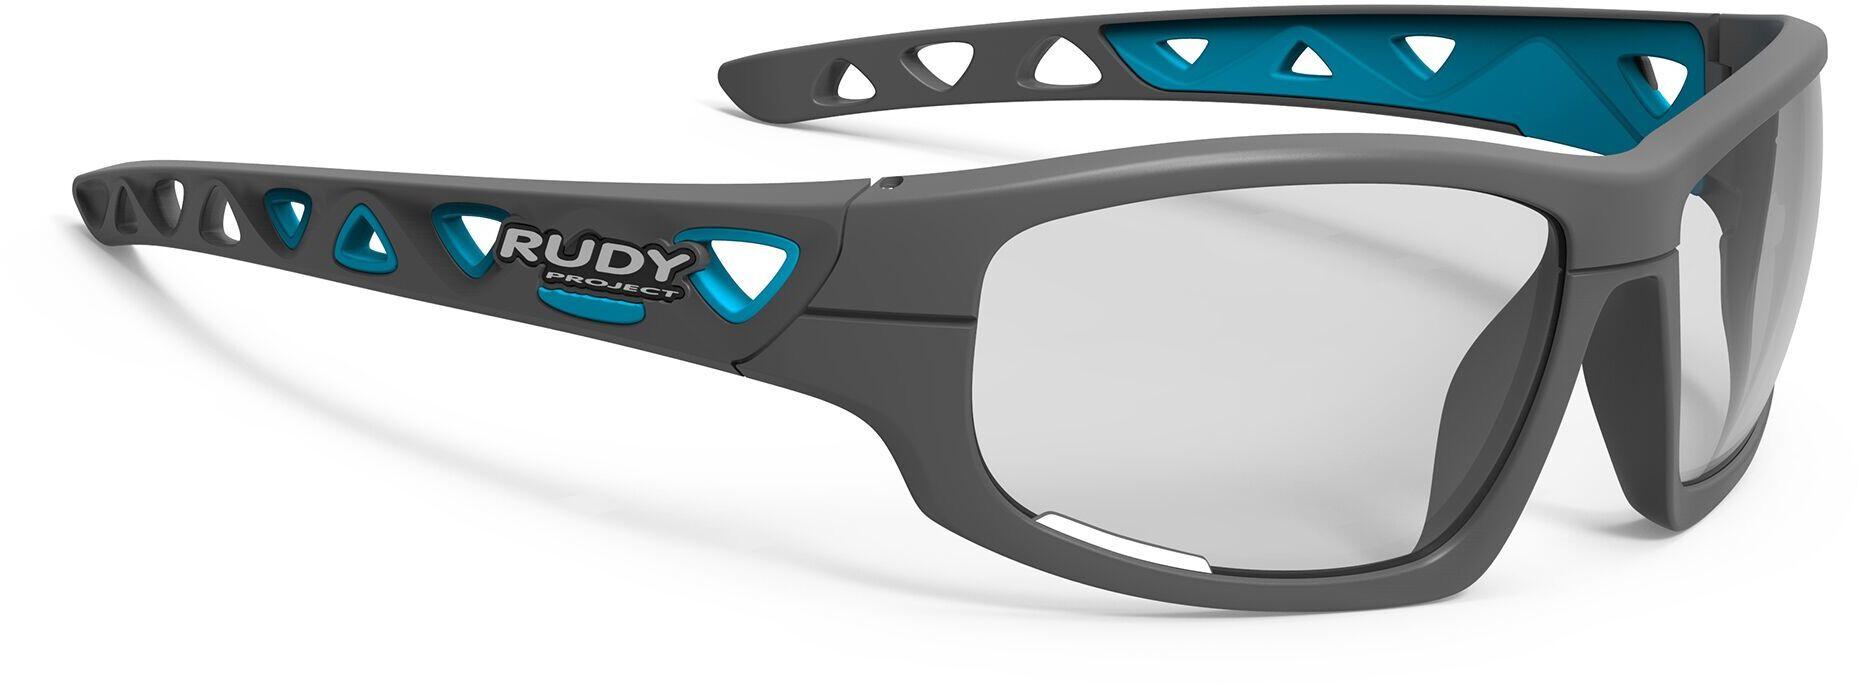 2er Pack X-CRUZE® XC011 Locs Sportbrille Sonnenbrille Brille Herren Damen weiß